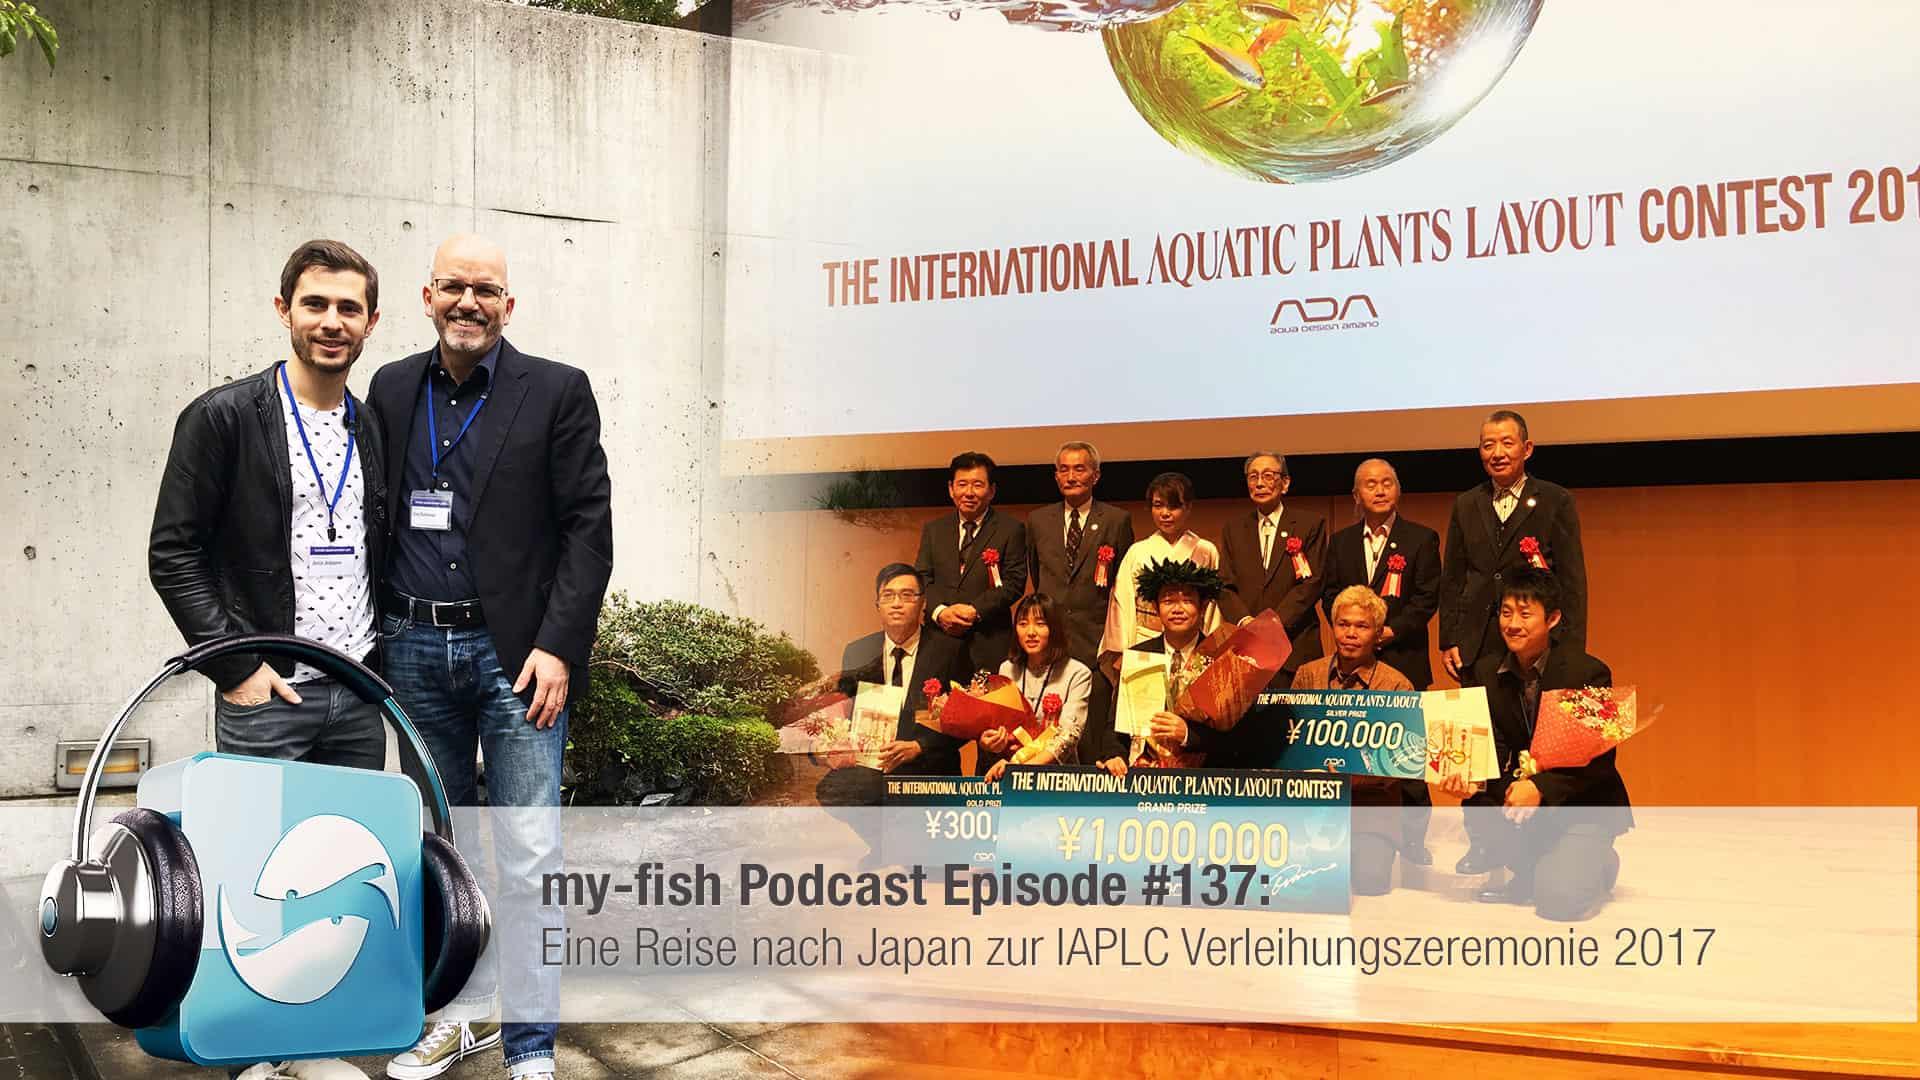 Podcast Episode #137: Eine Reise nach Japan zur IAPLC Verleihungszeremonie 2017 1